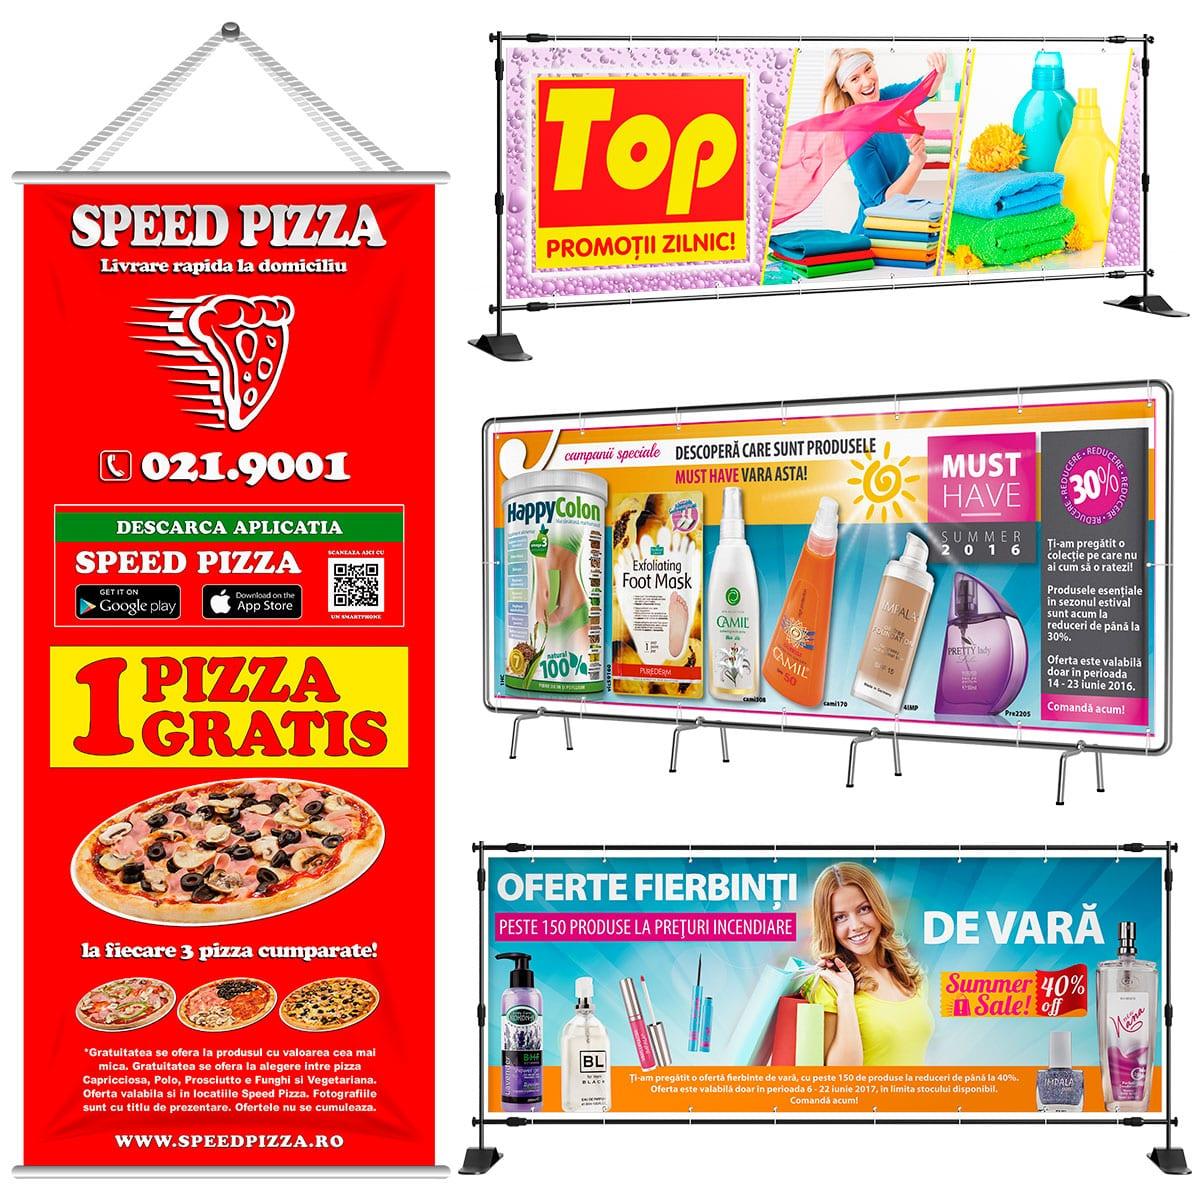 Pentru servicii profesionale de grafică bannere publicitare interior apelați la noi cu încredere! Avem 13 ani de experiență în domeniul graficii publicitare.